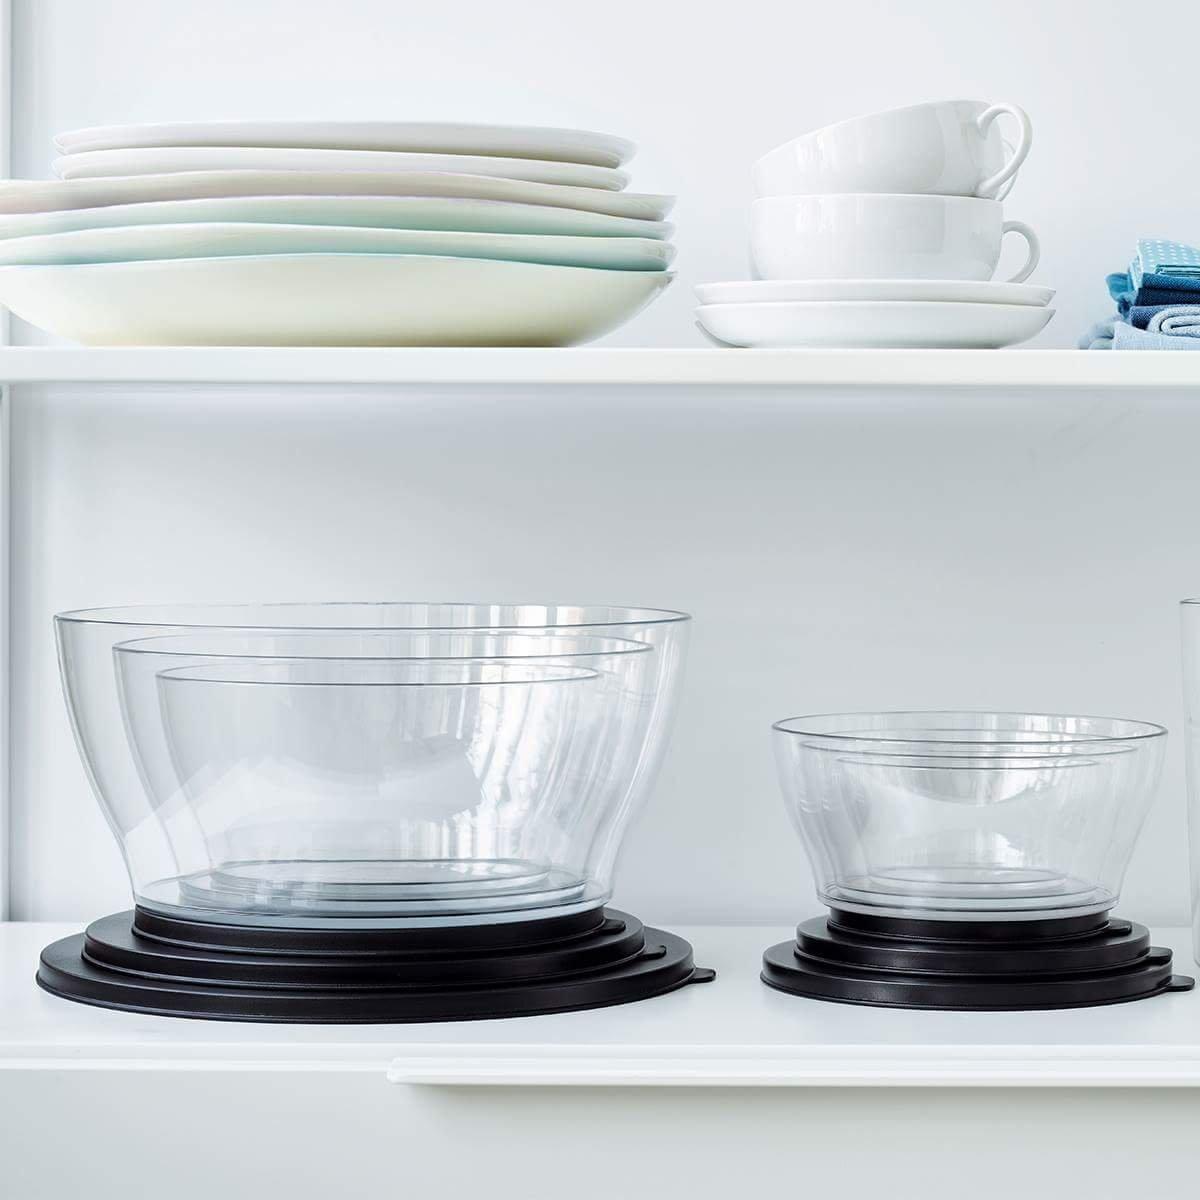 Tupperware Clear Bowls 5 pcs set